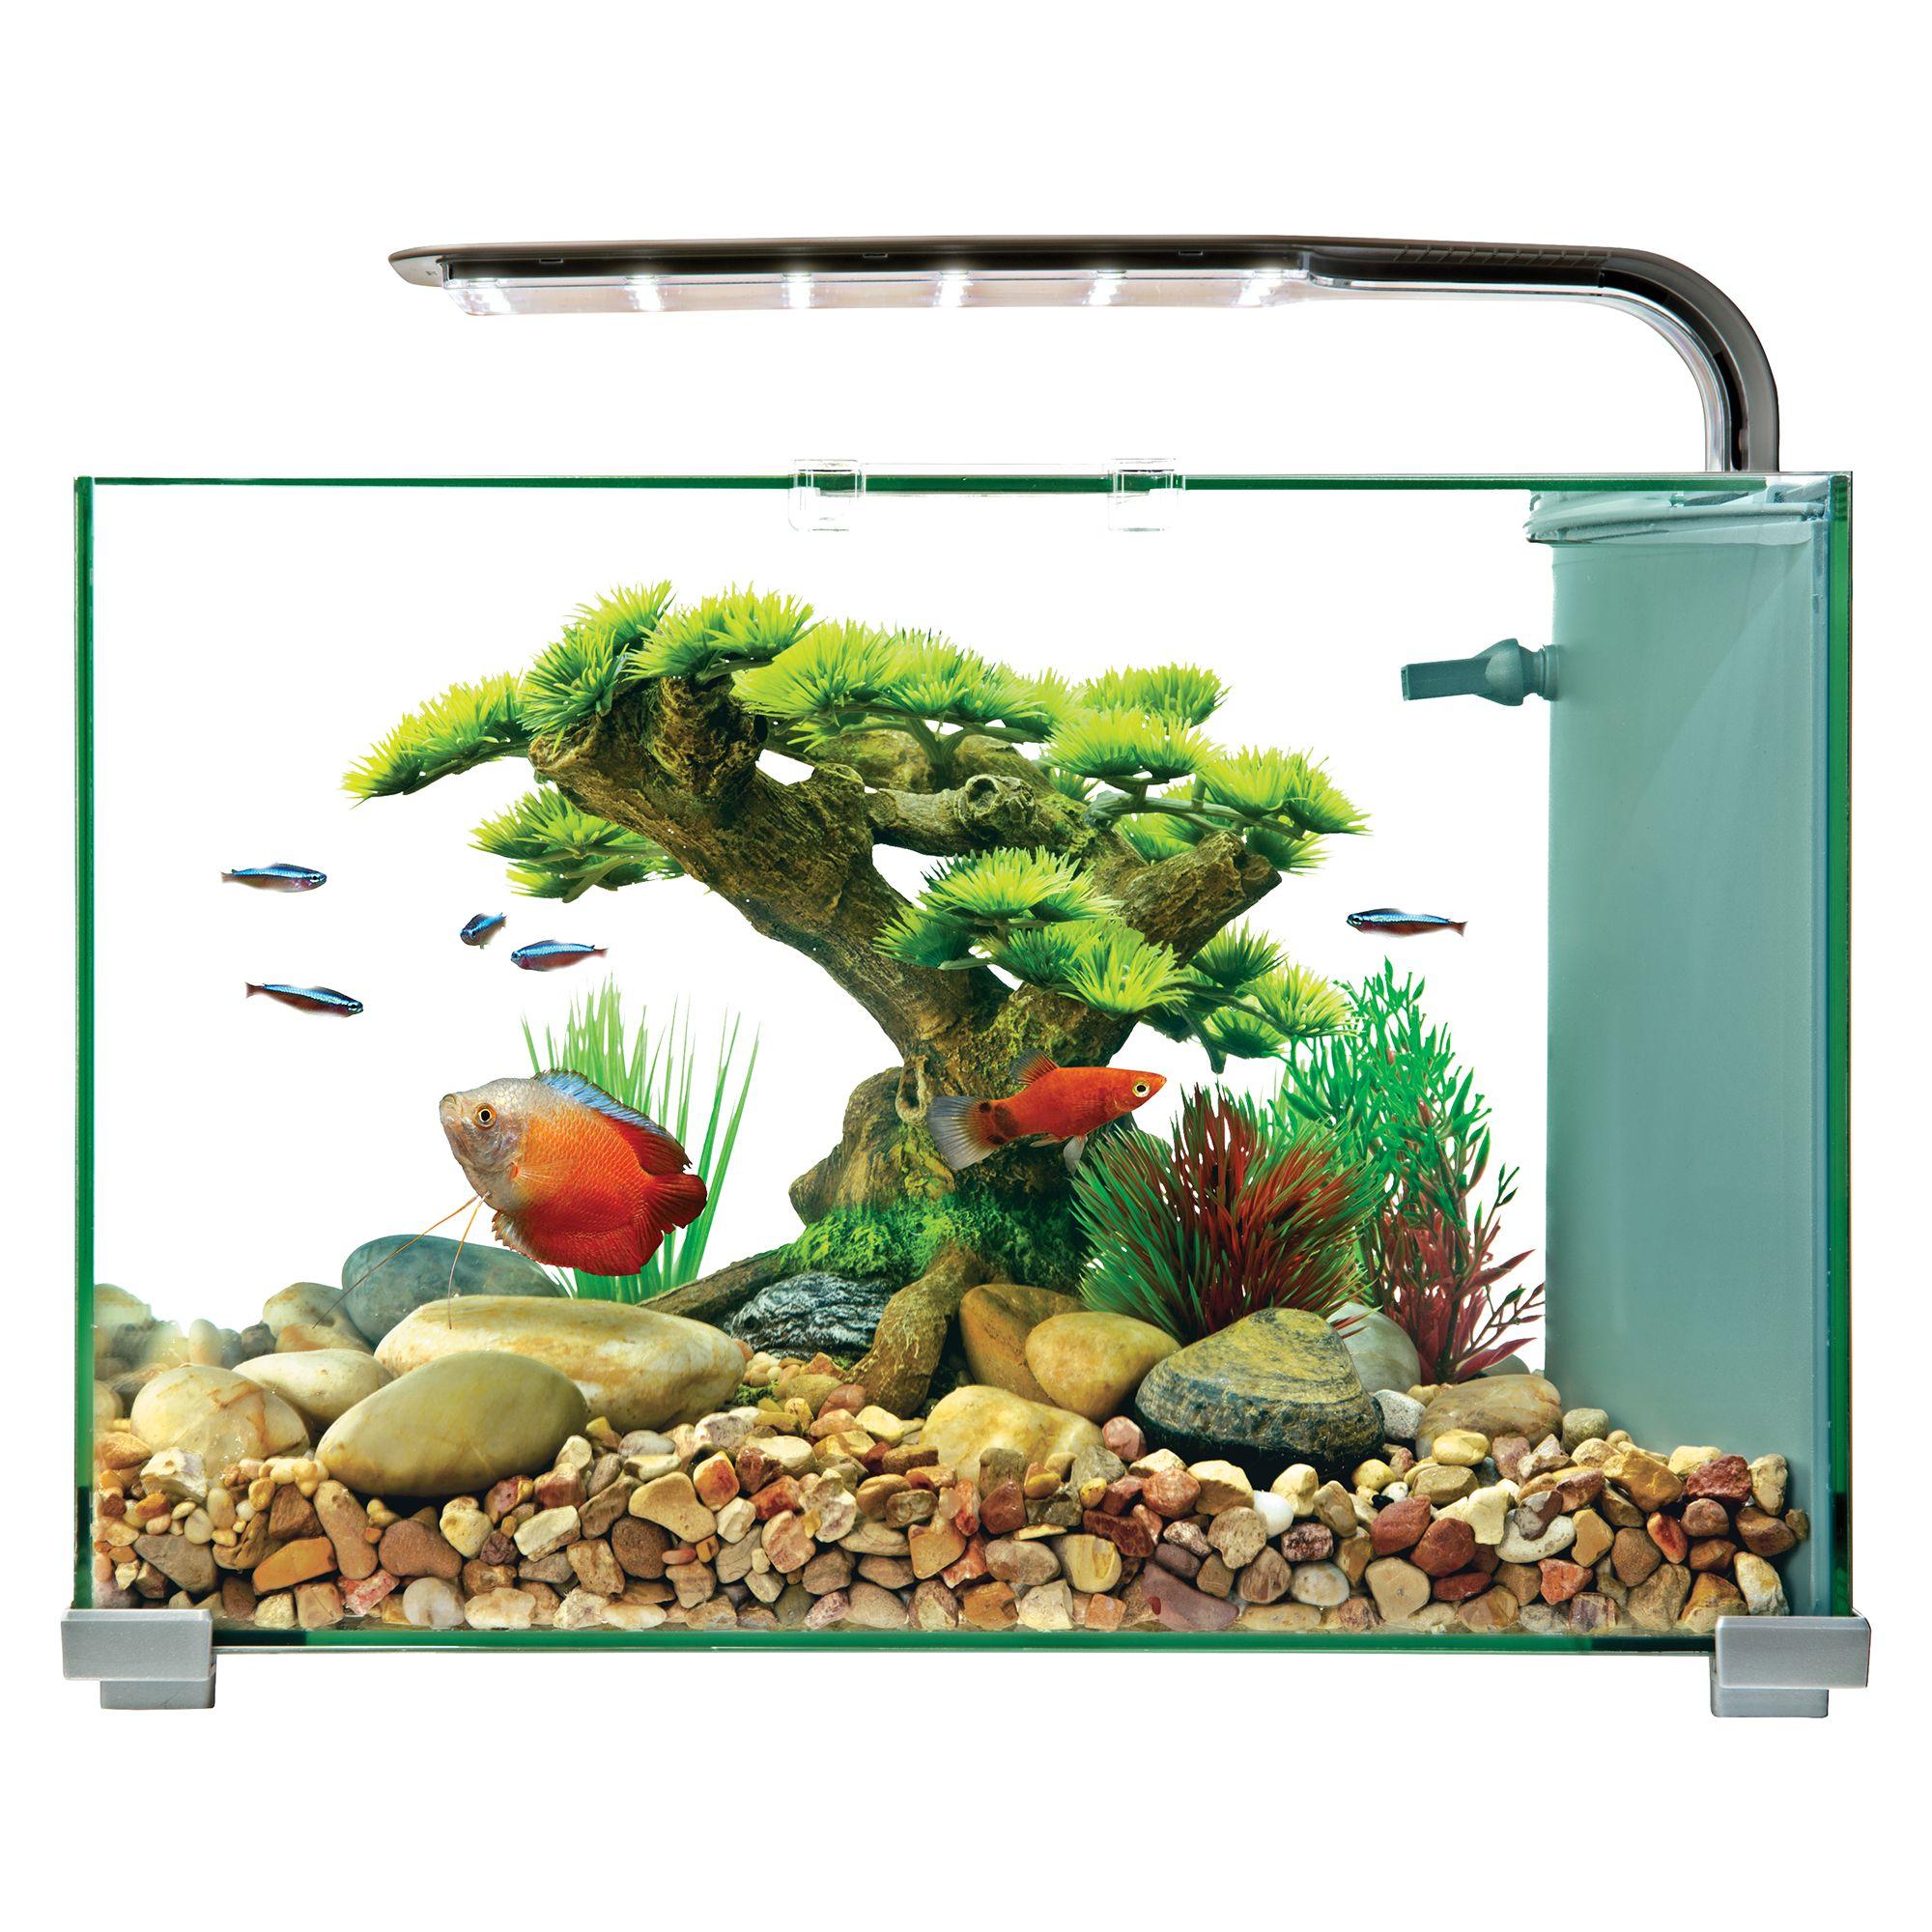 Aquarium top usa for Fish aquarium supplies